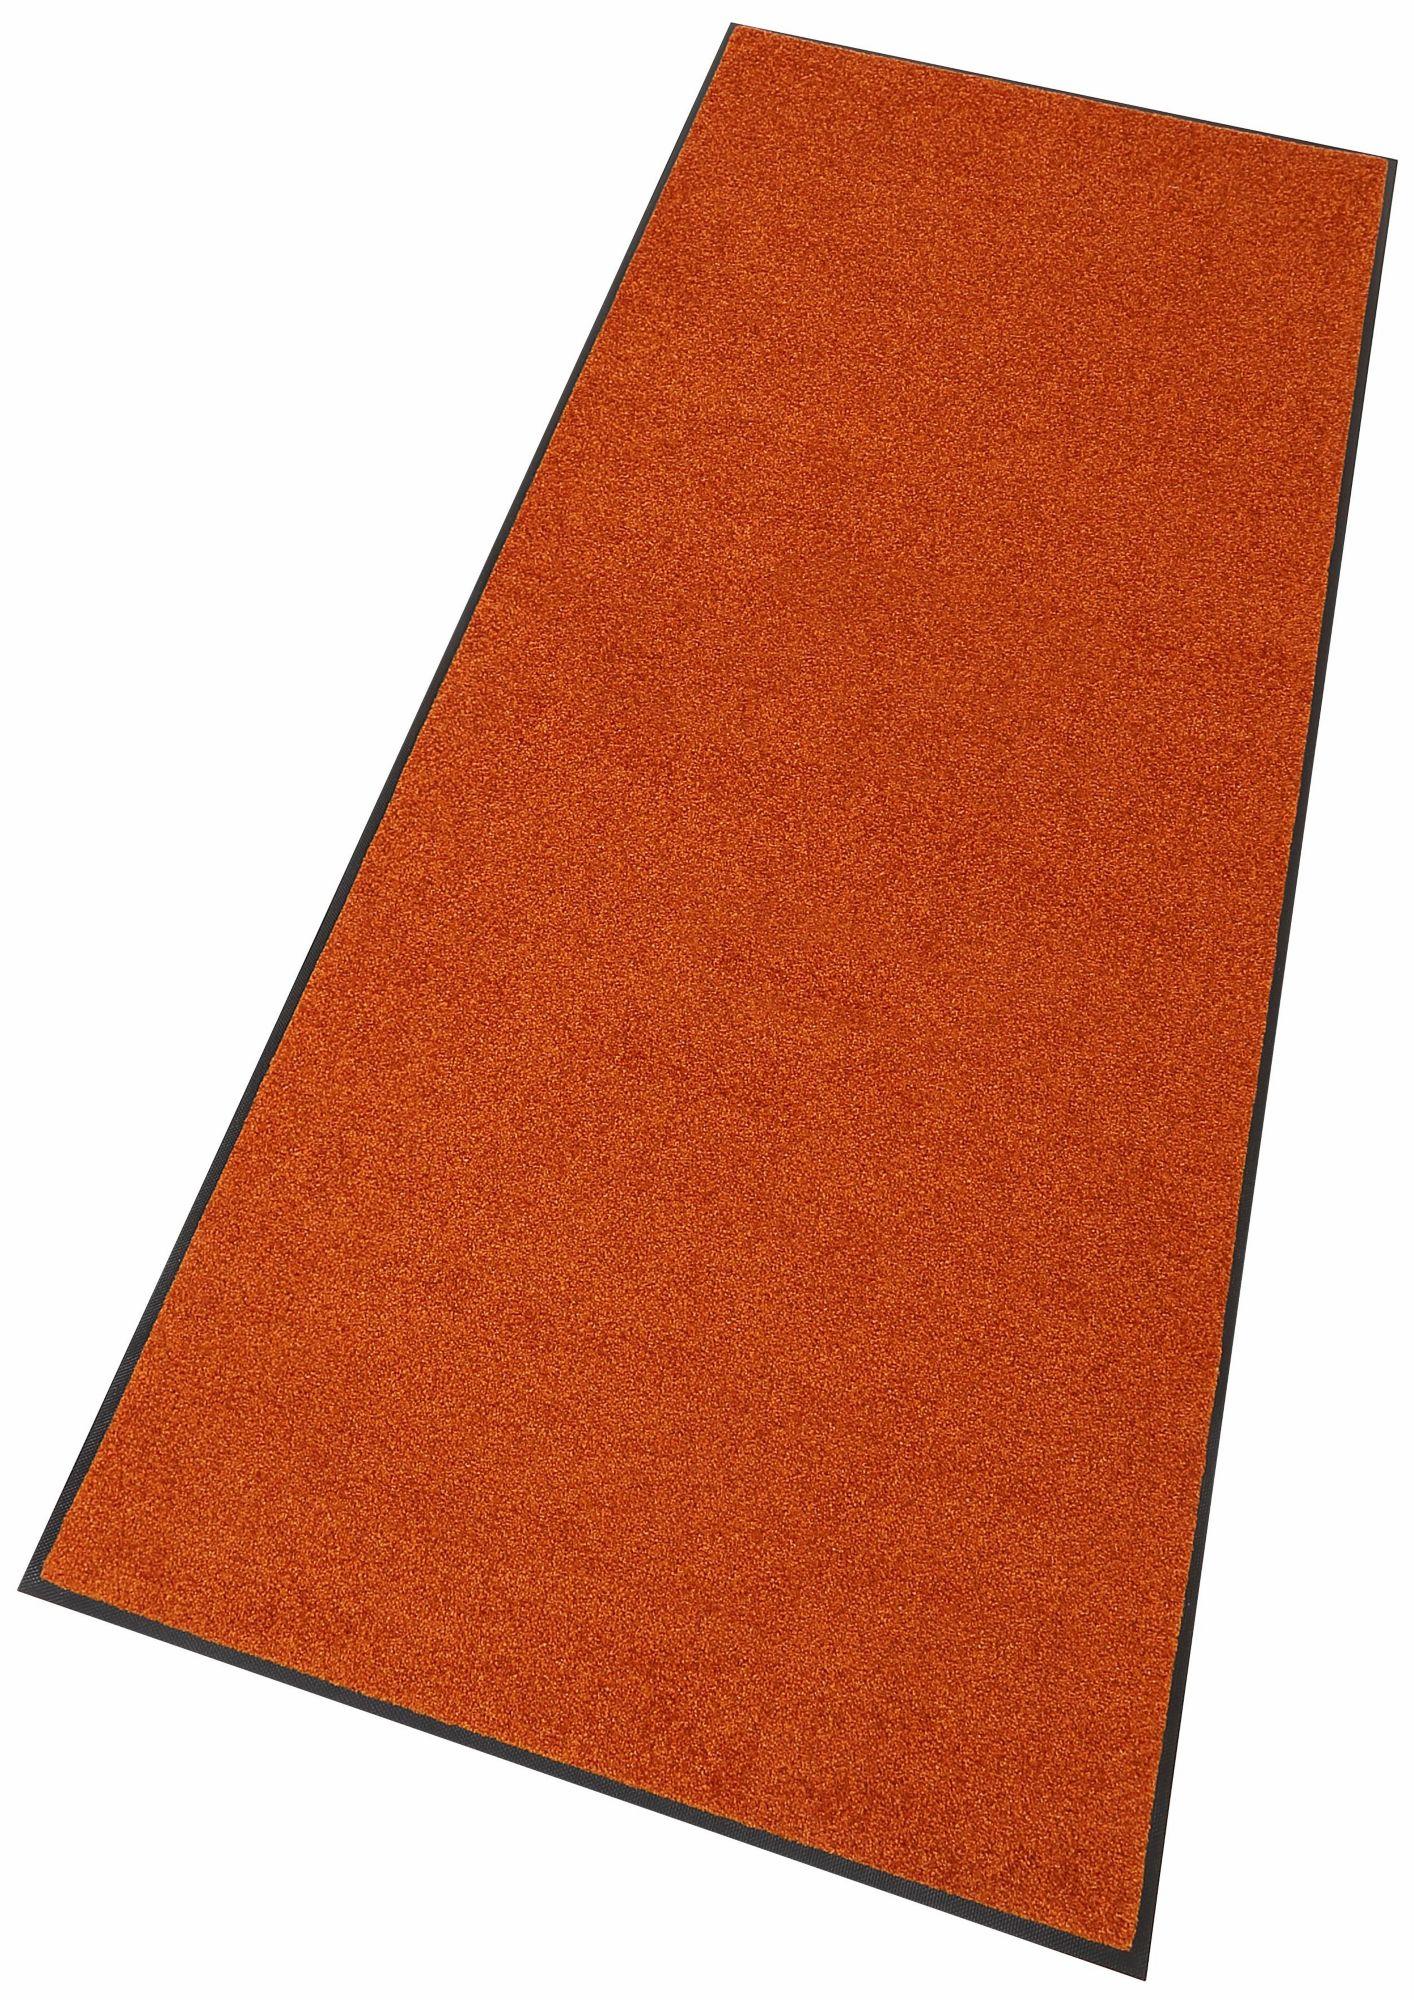 Läufer, »Trend Uni«, wash+dry by Kleen-Tex, rechteckig, Höhe 7 mm, gedruckt